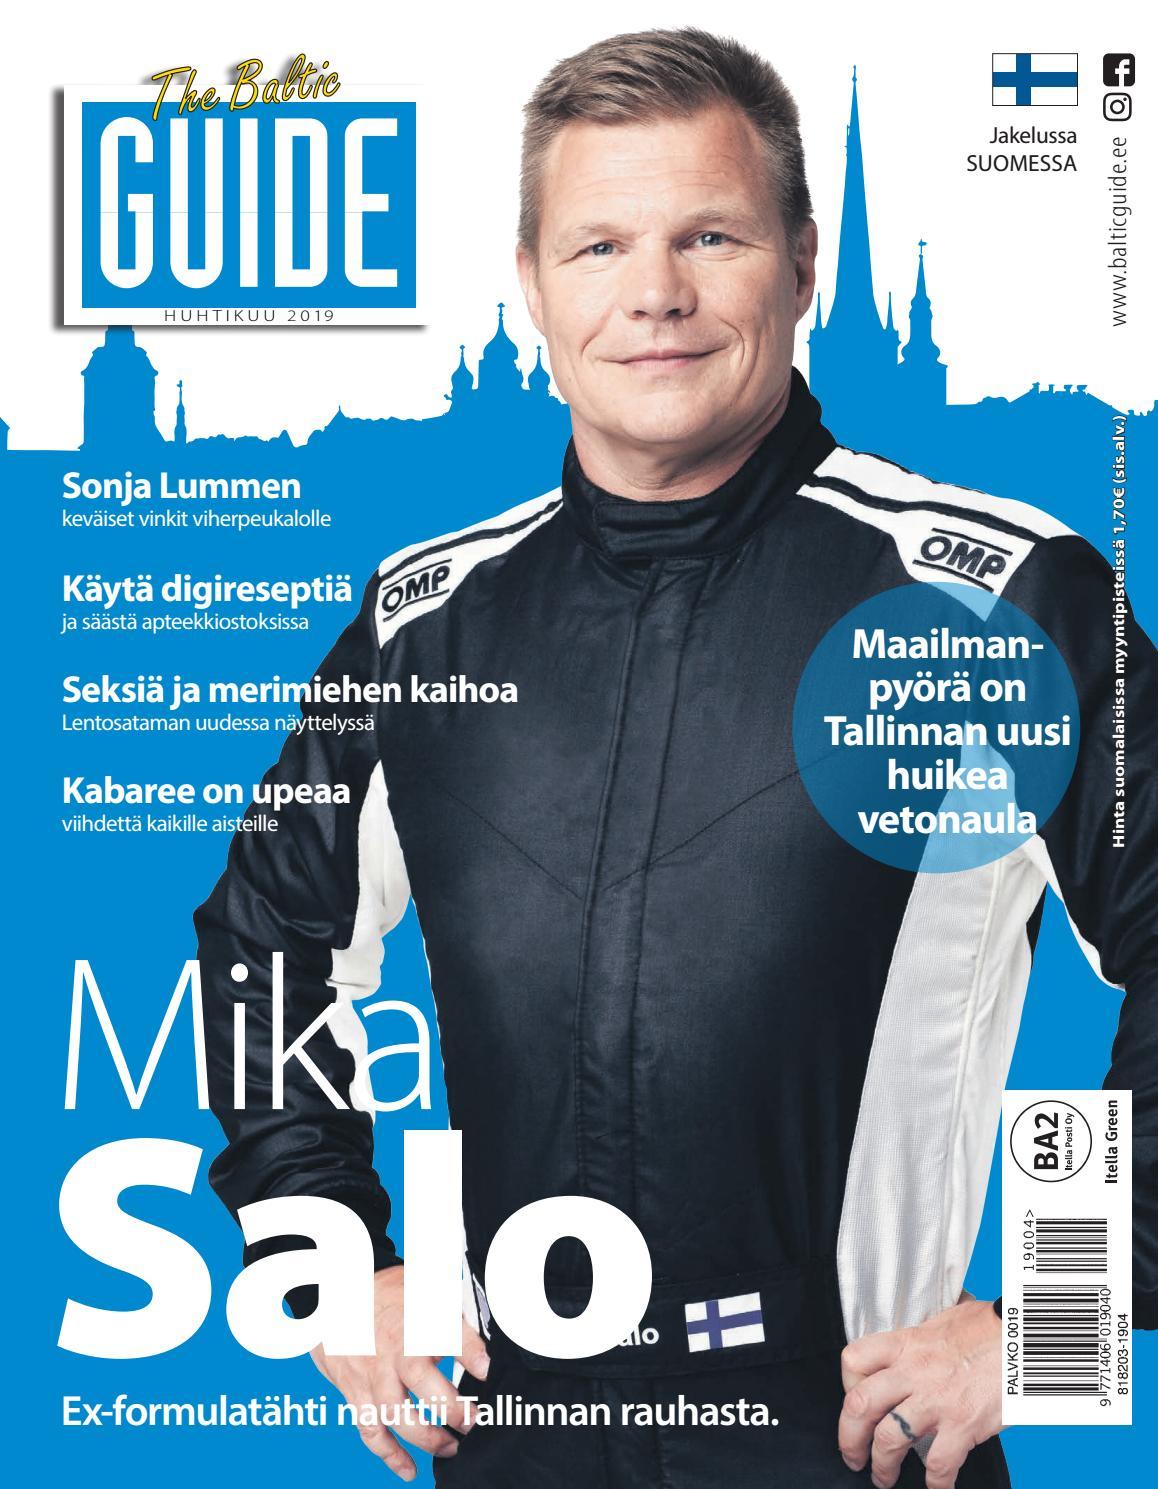 Tallinnan Keskustori Vinkit Tallinnaan Lyhyt Oppimaara Tallinnaa